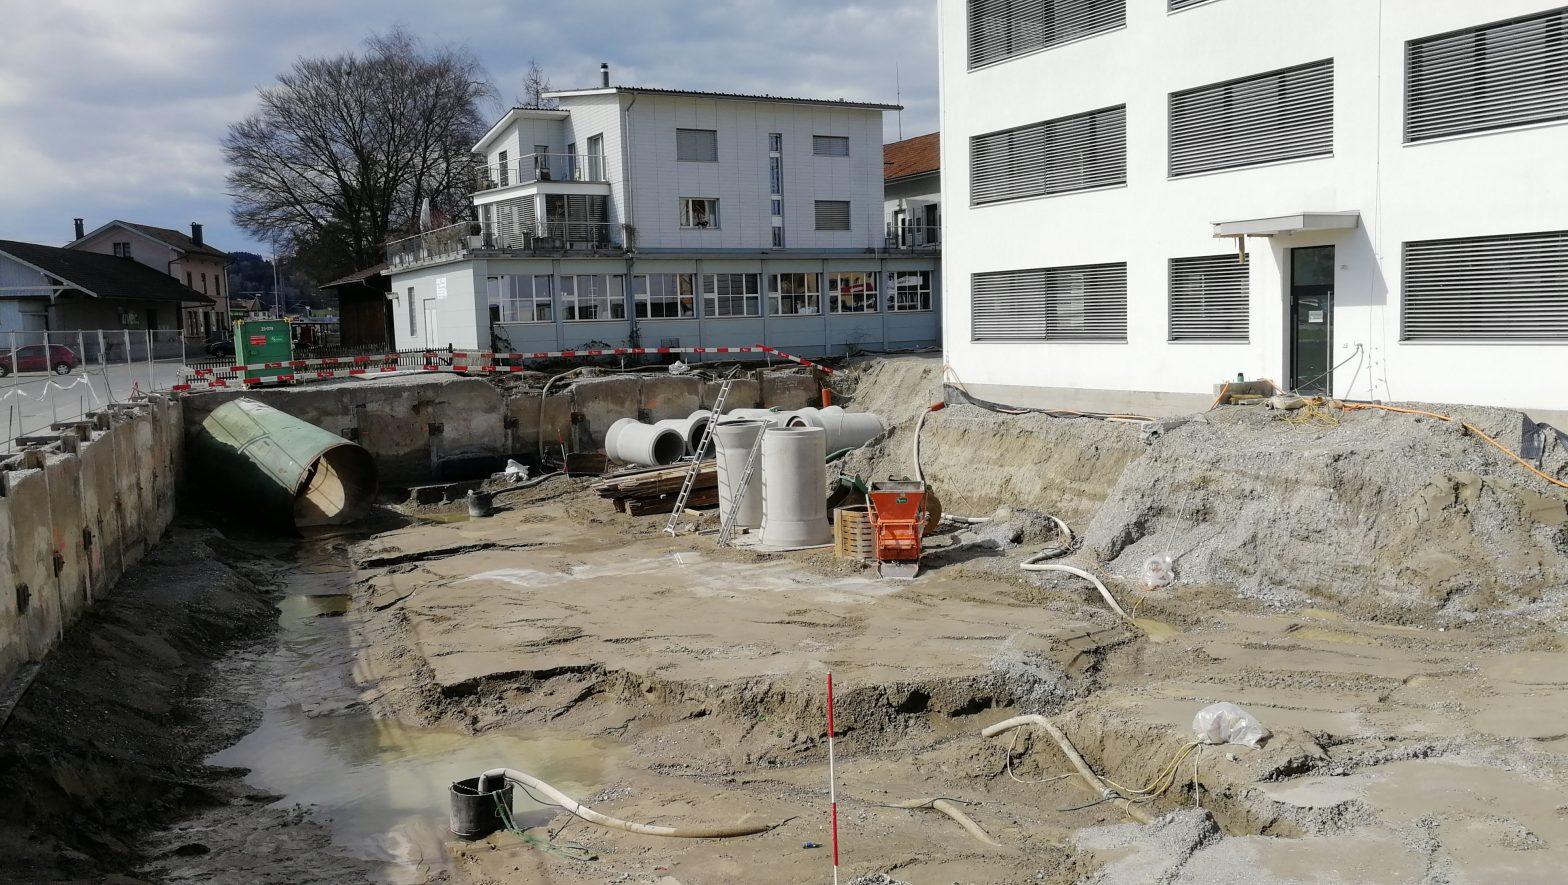 Foto der Baustelle am 17.03.2019